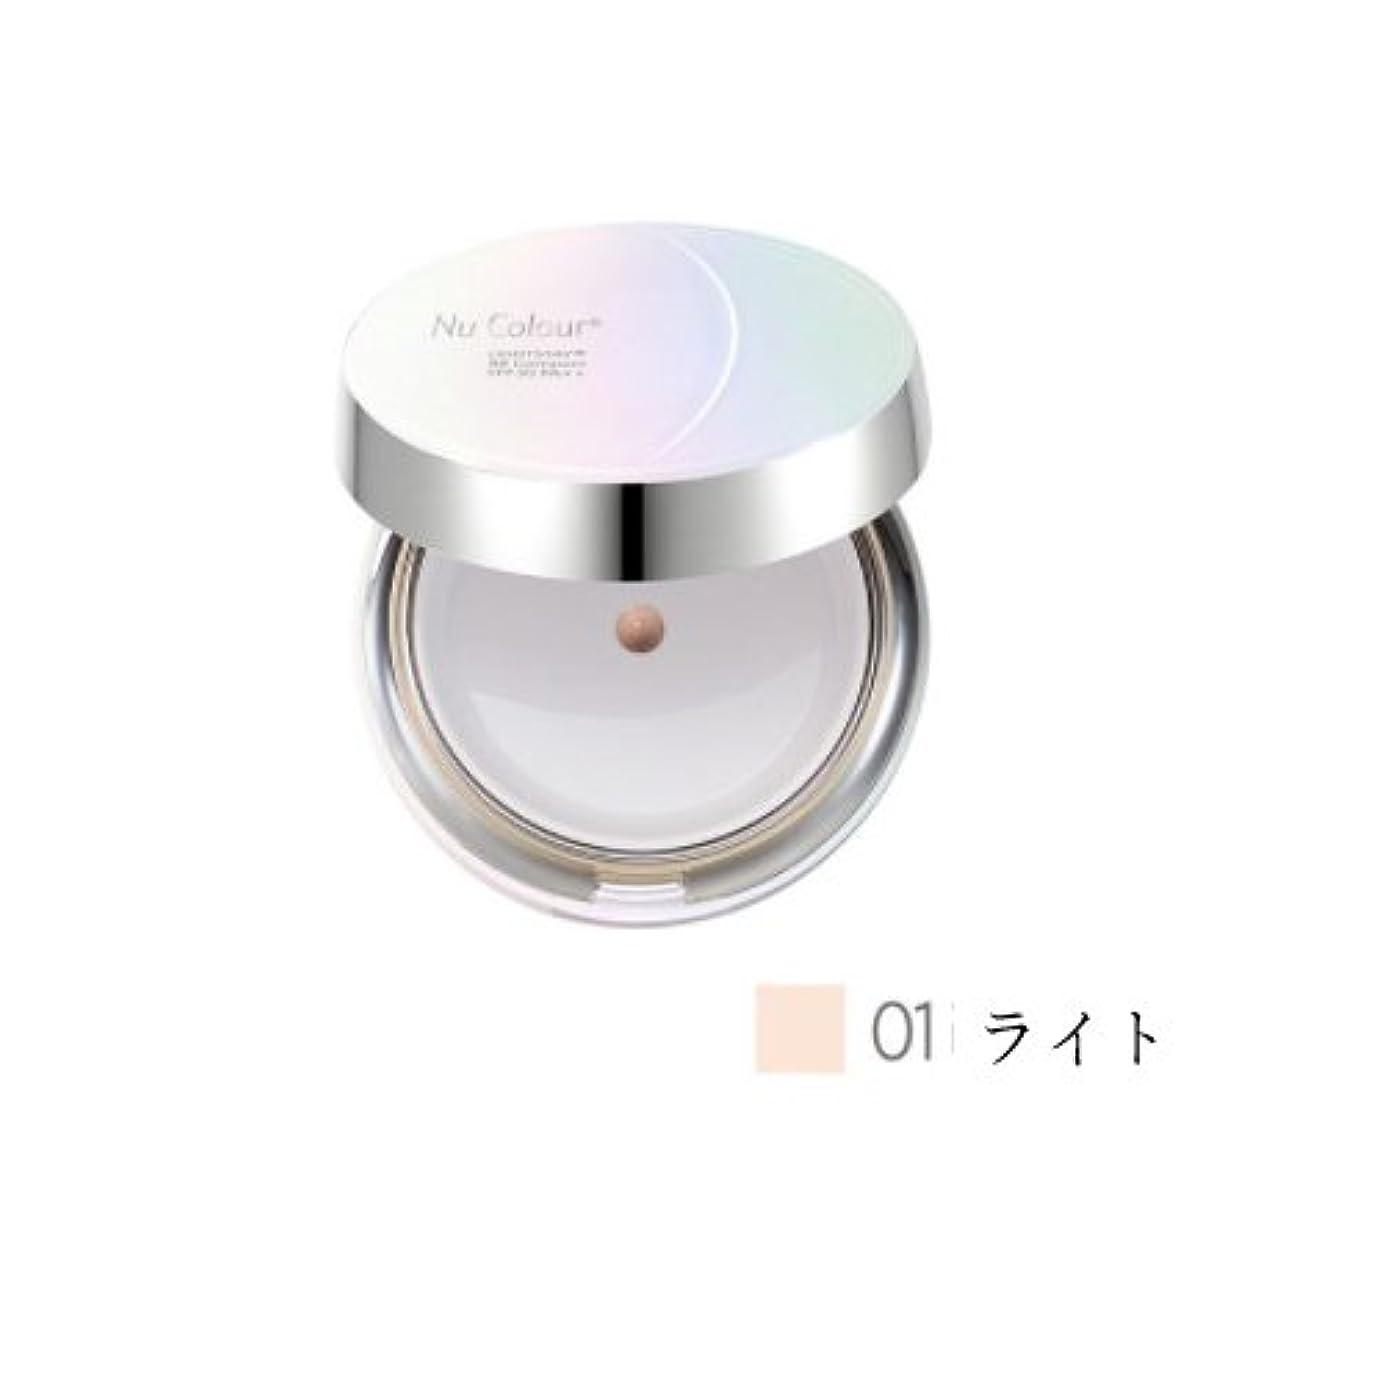 モート他の場所発生器ニュースキン ライトステイビビコンパクトSPF30 PA++01ライト BB Compact 01 Light [並行輸入品]